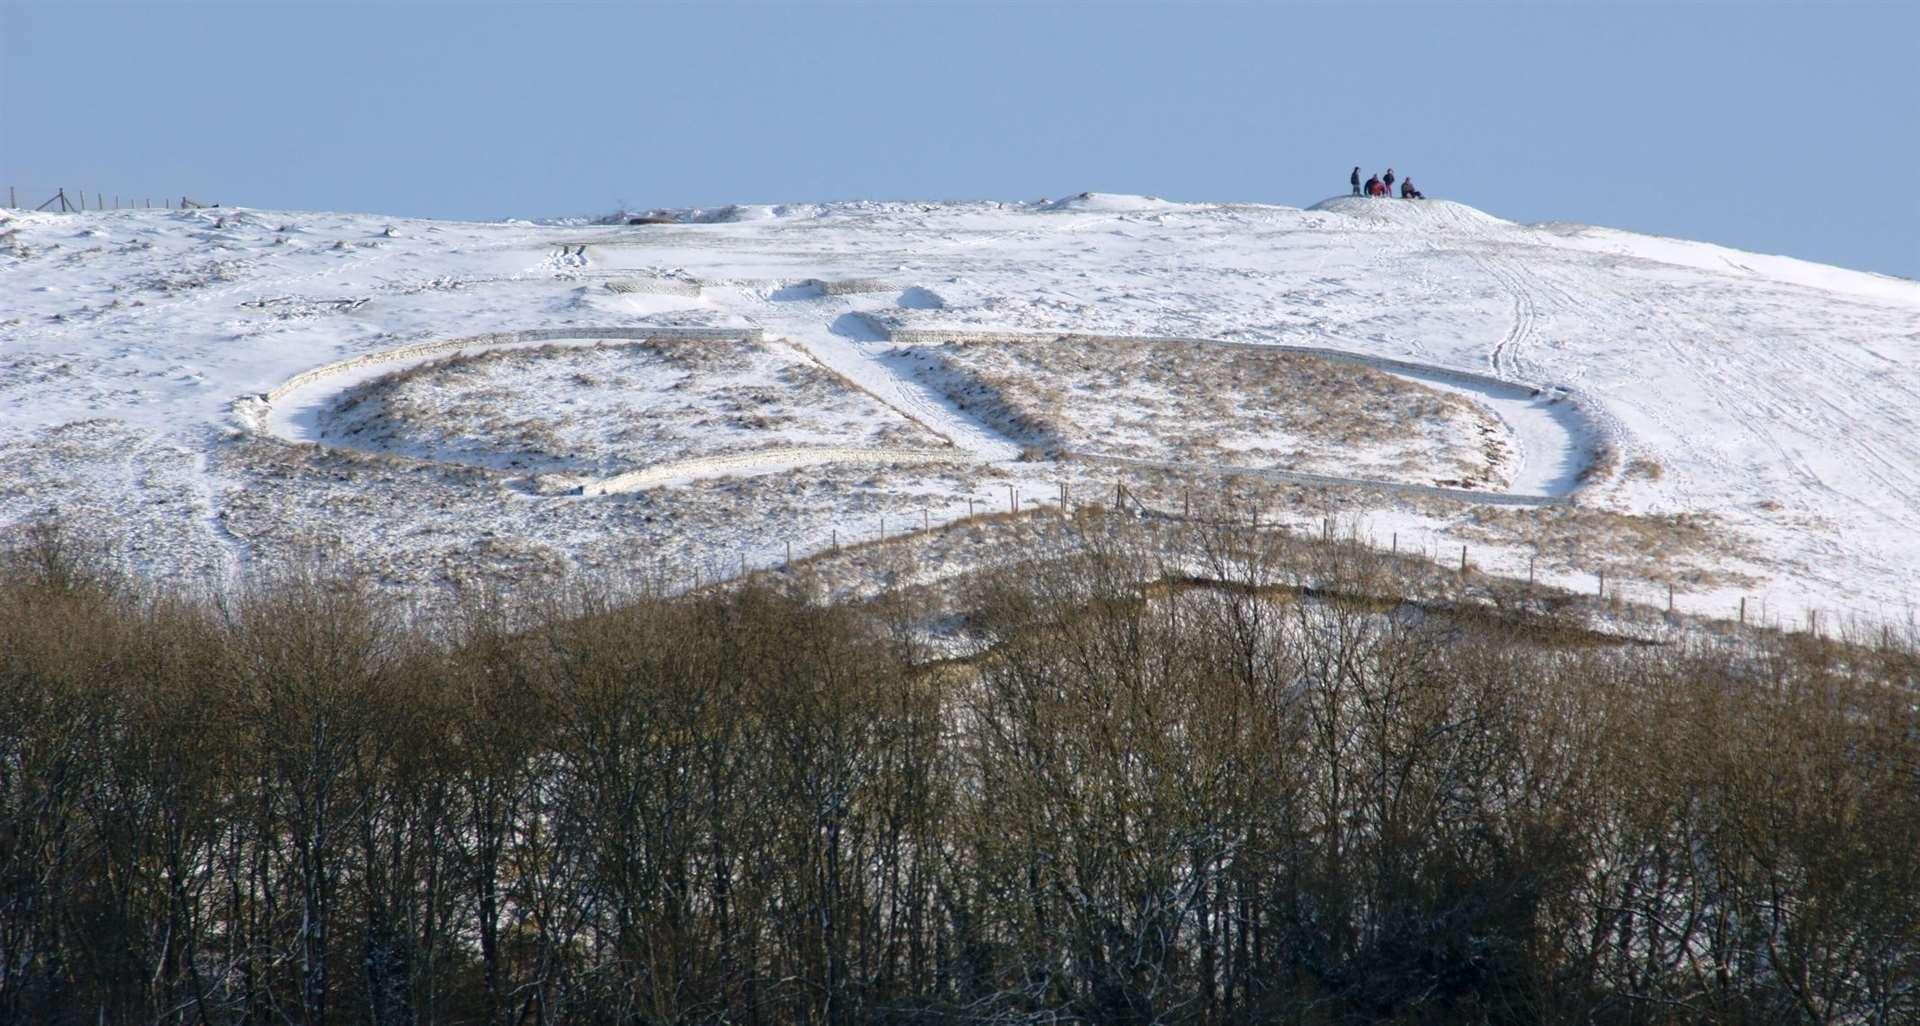 La corona de Wye disfrutó de una nevada en diciembre de 2009, para deleite de los niños del pueblo. Imagen: Derek West